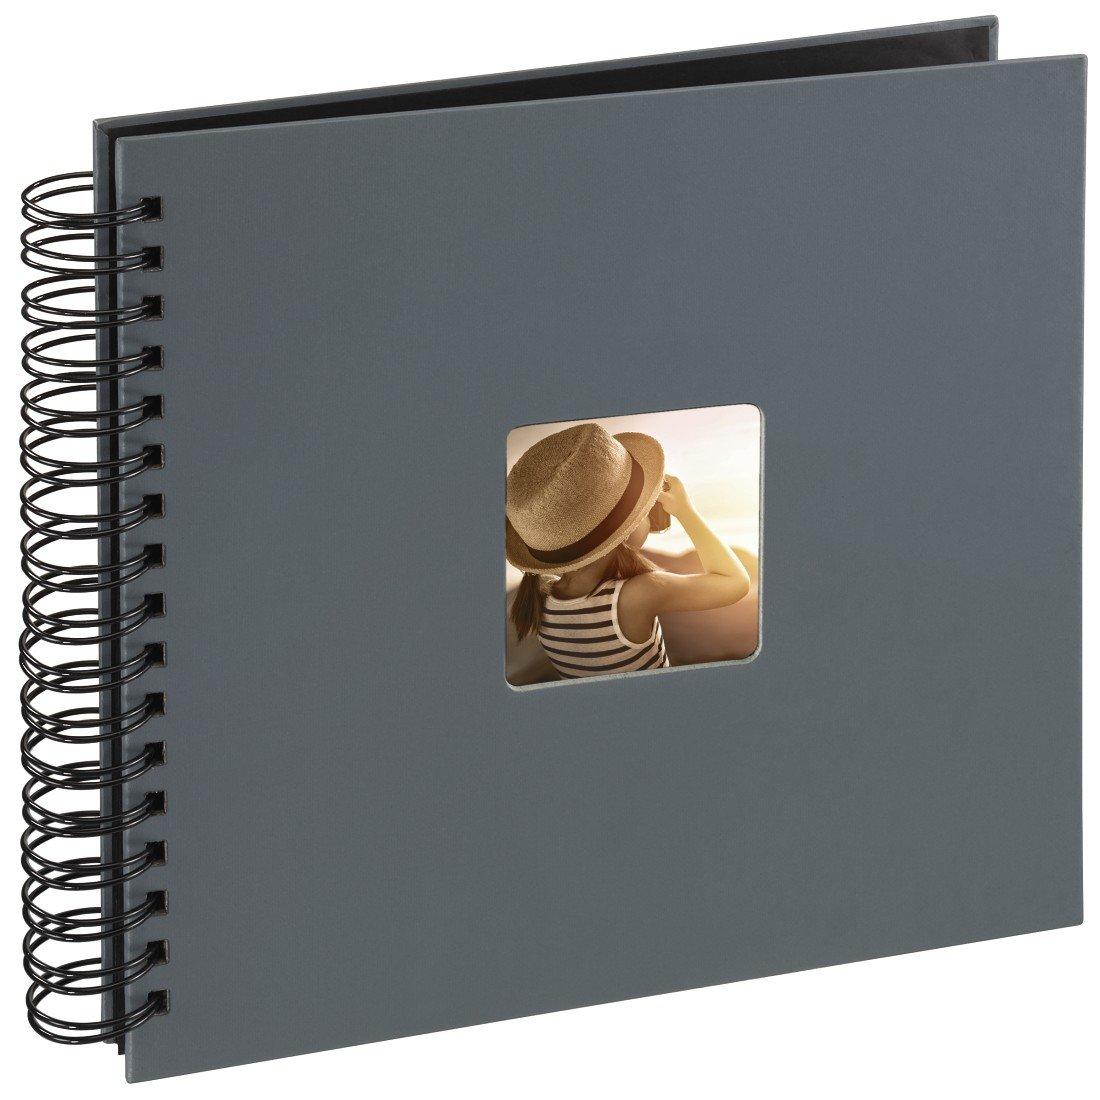 Album photo à spirales Fine Art, 22 x 17 cm, 50 pages noires, gris HAMD22 00094884